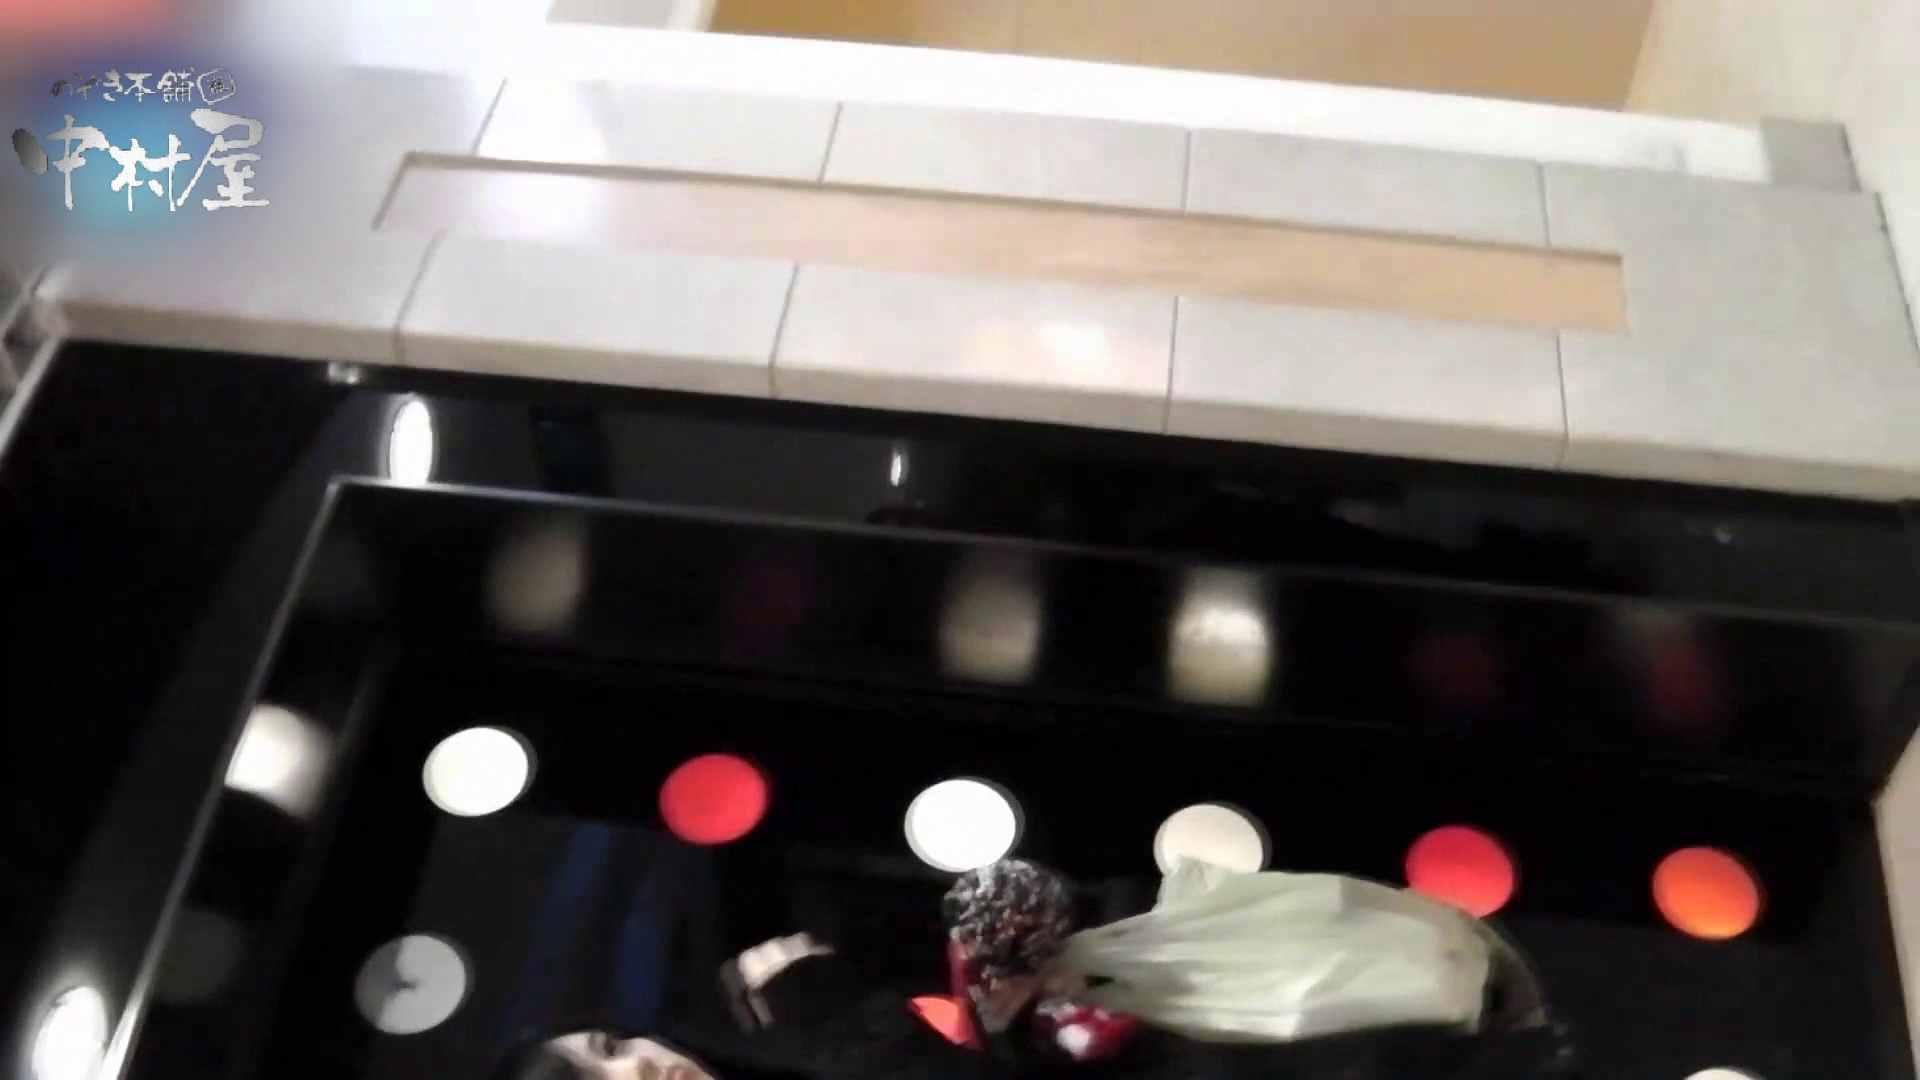 乙女集まる!ショッピングモール潜入撮vol.02 乙女のエロ動画 おめこ無修正動画無料 102PIX 99